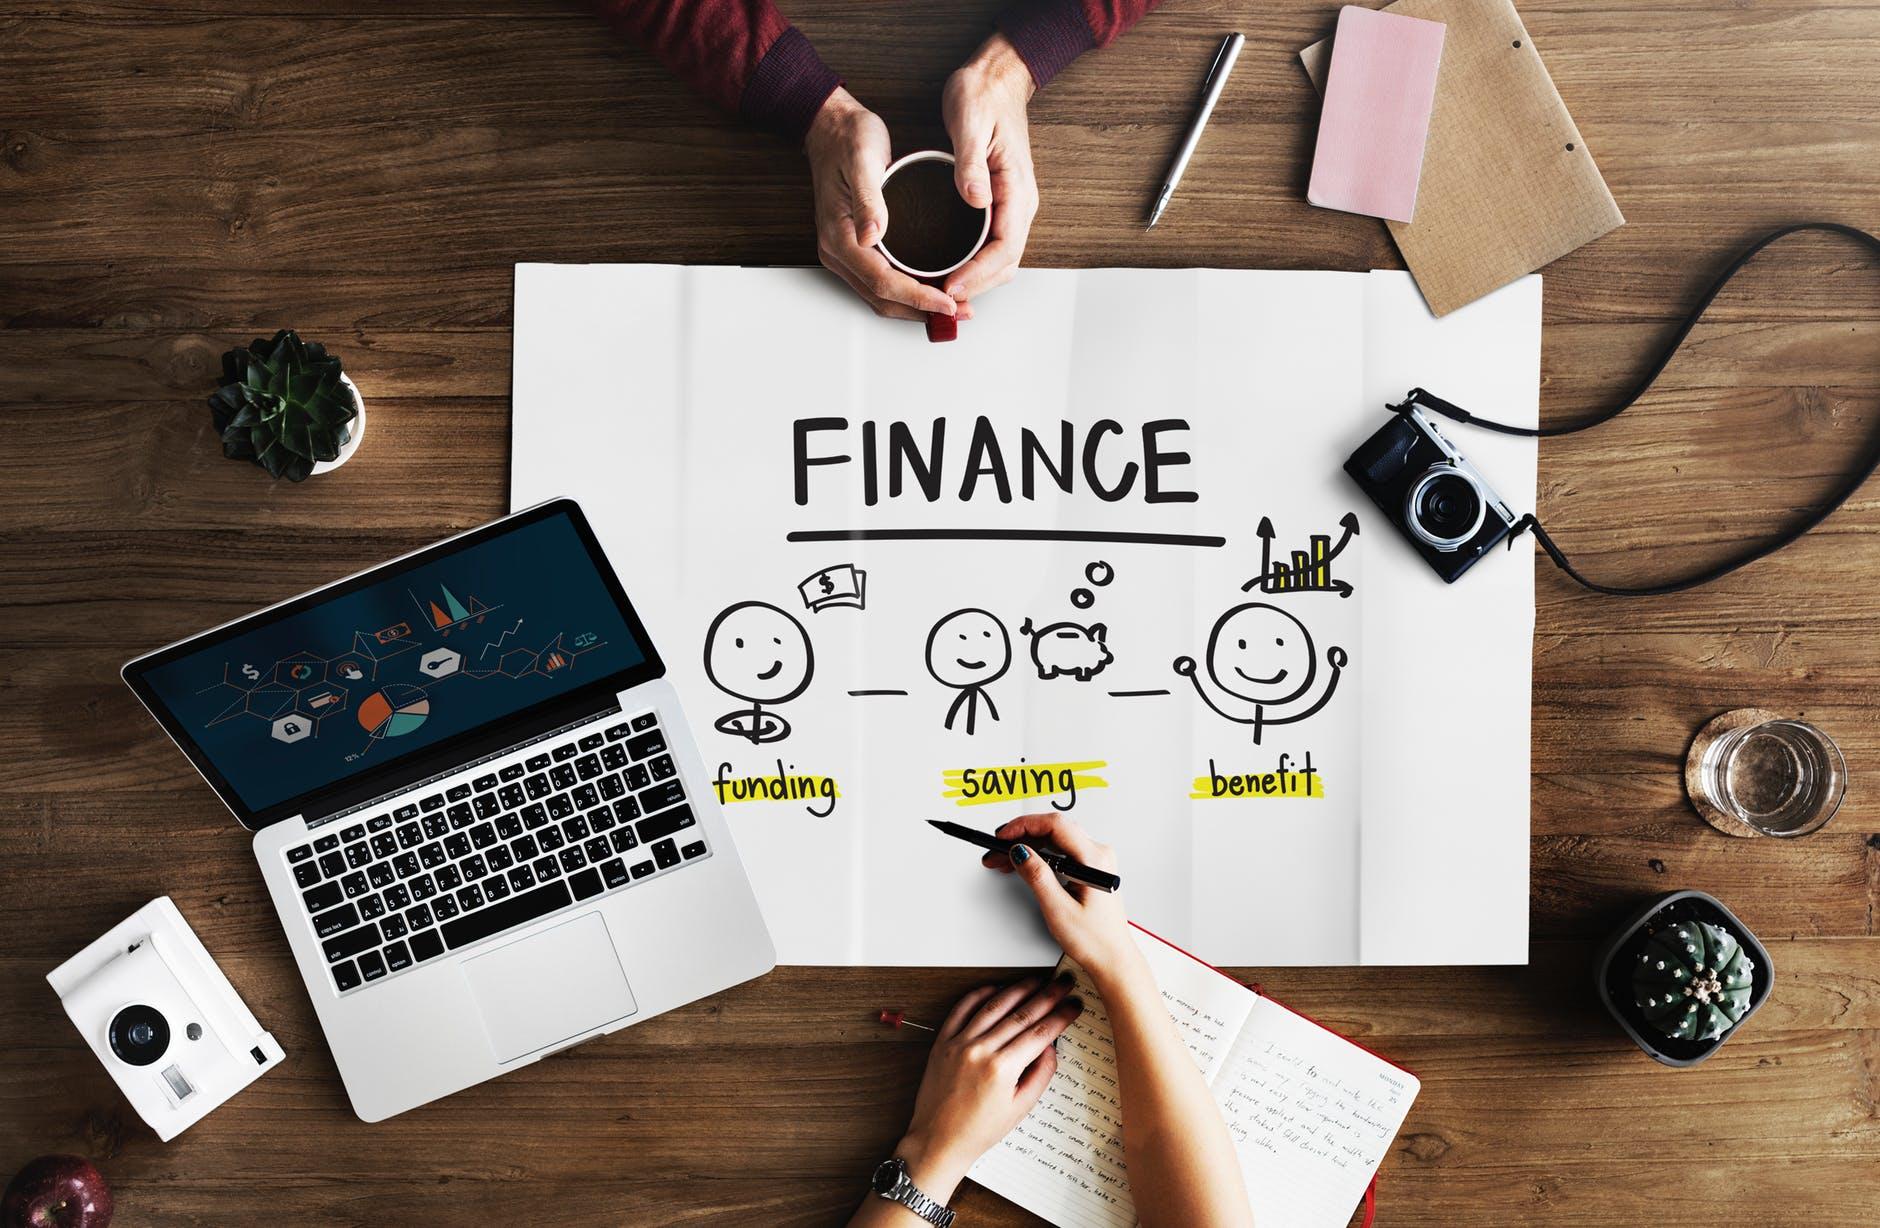 Cách đầu tư tài chính hiệu quả cho người mới bắt đầu